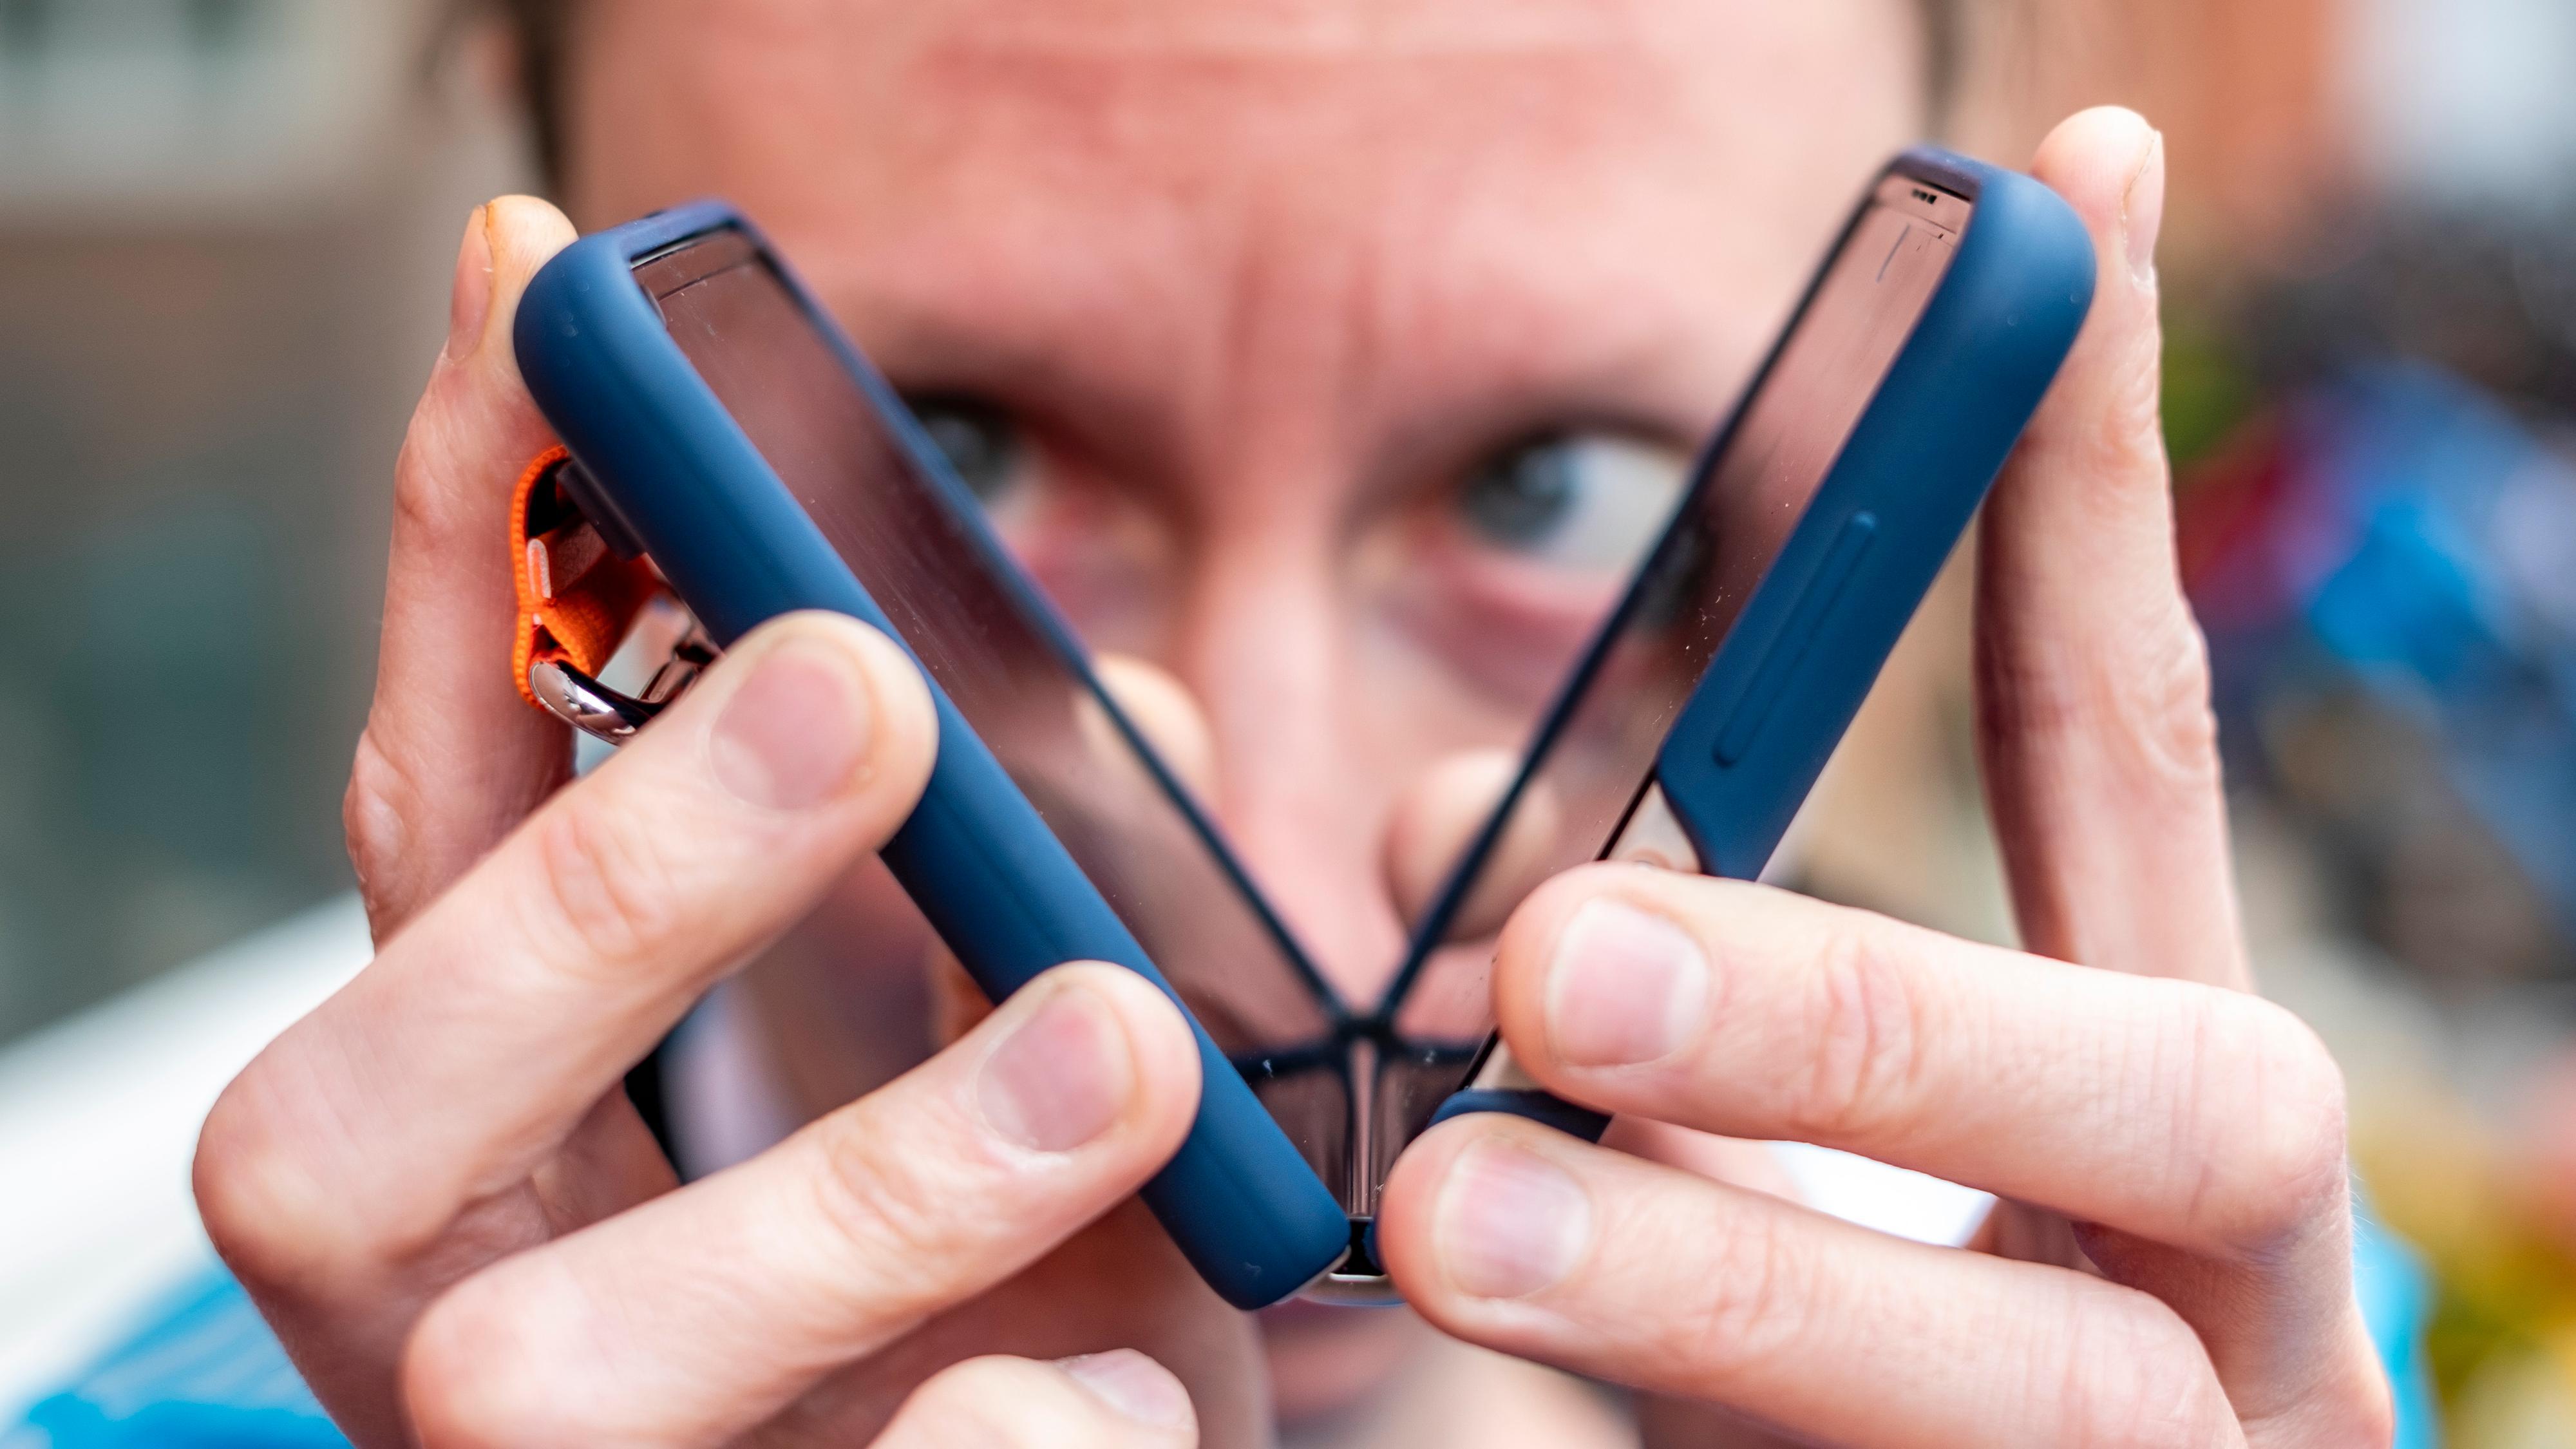 Det er noe eget ved en telefon du bare kan klappe sammen. Enten du vil sette endelig strek for det du holdt på med, eller bare legge på med litt ekstra iver når «Microsoft support» ringer.